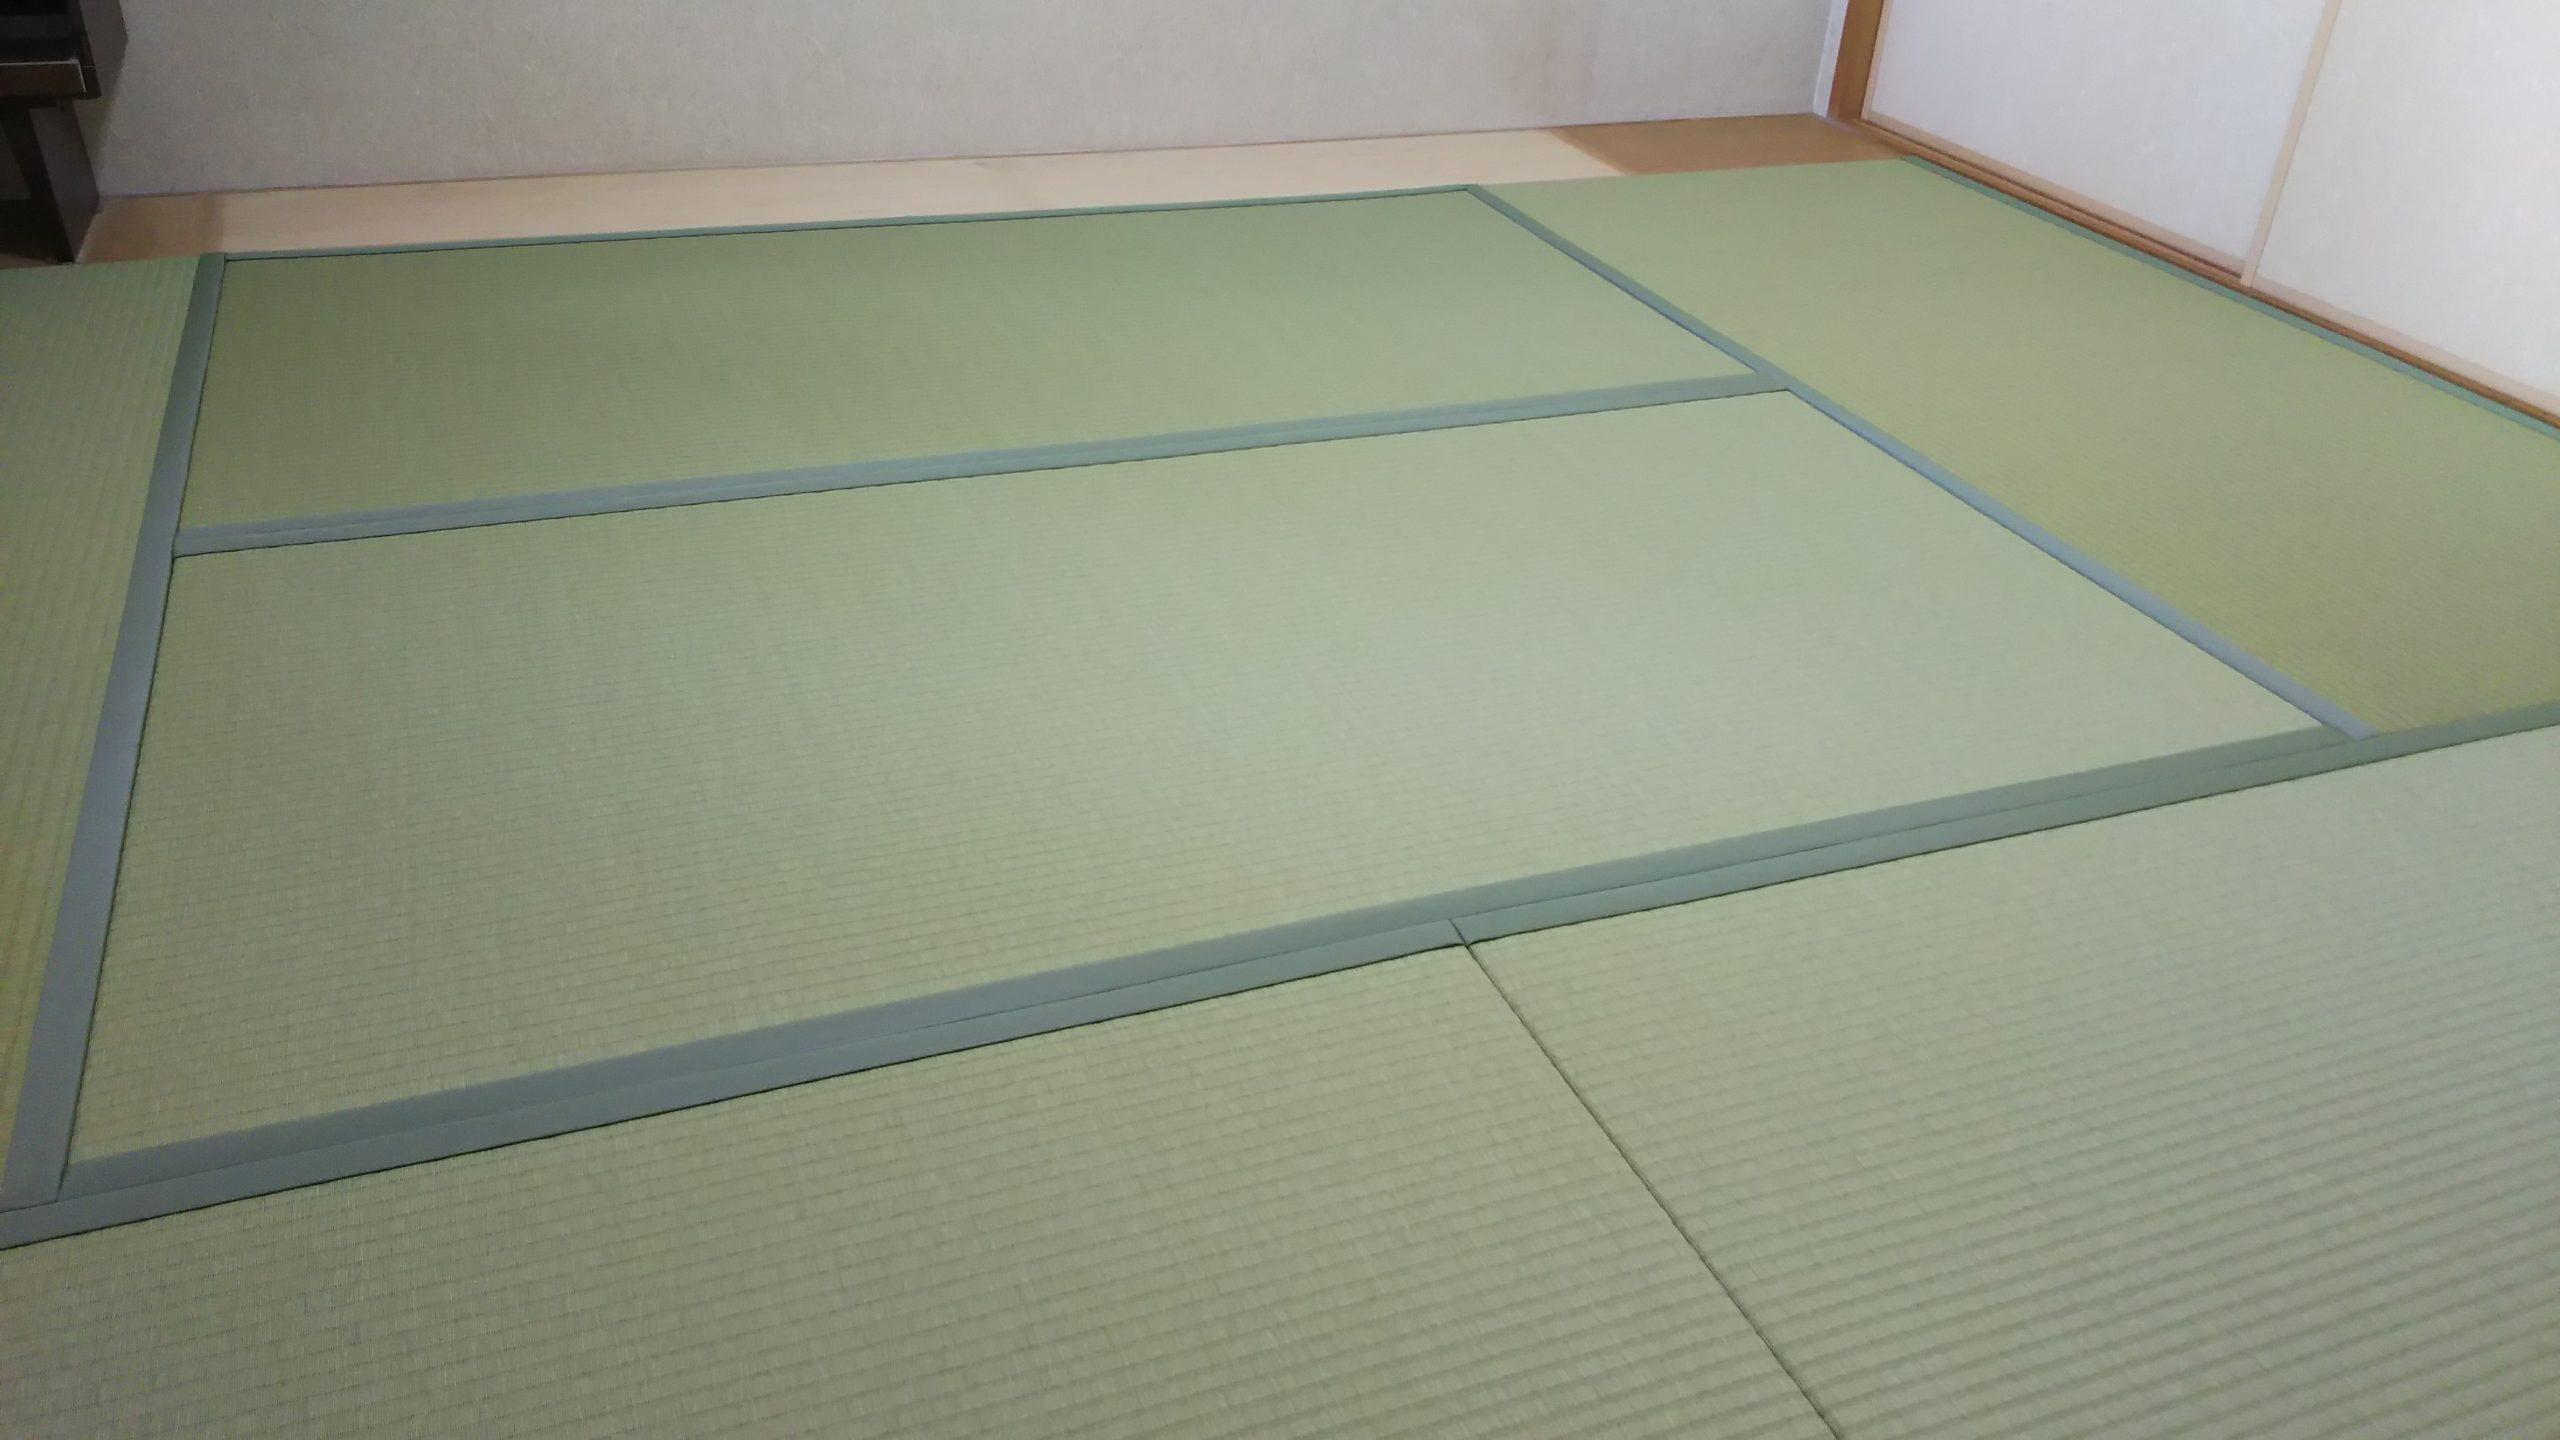 20210506尼崎市のマンションの畳を張替えました。